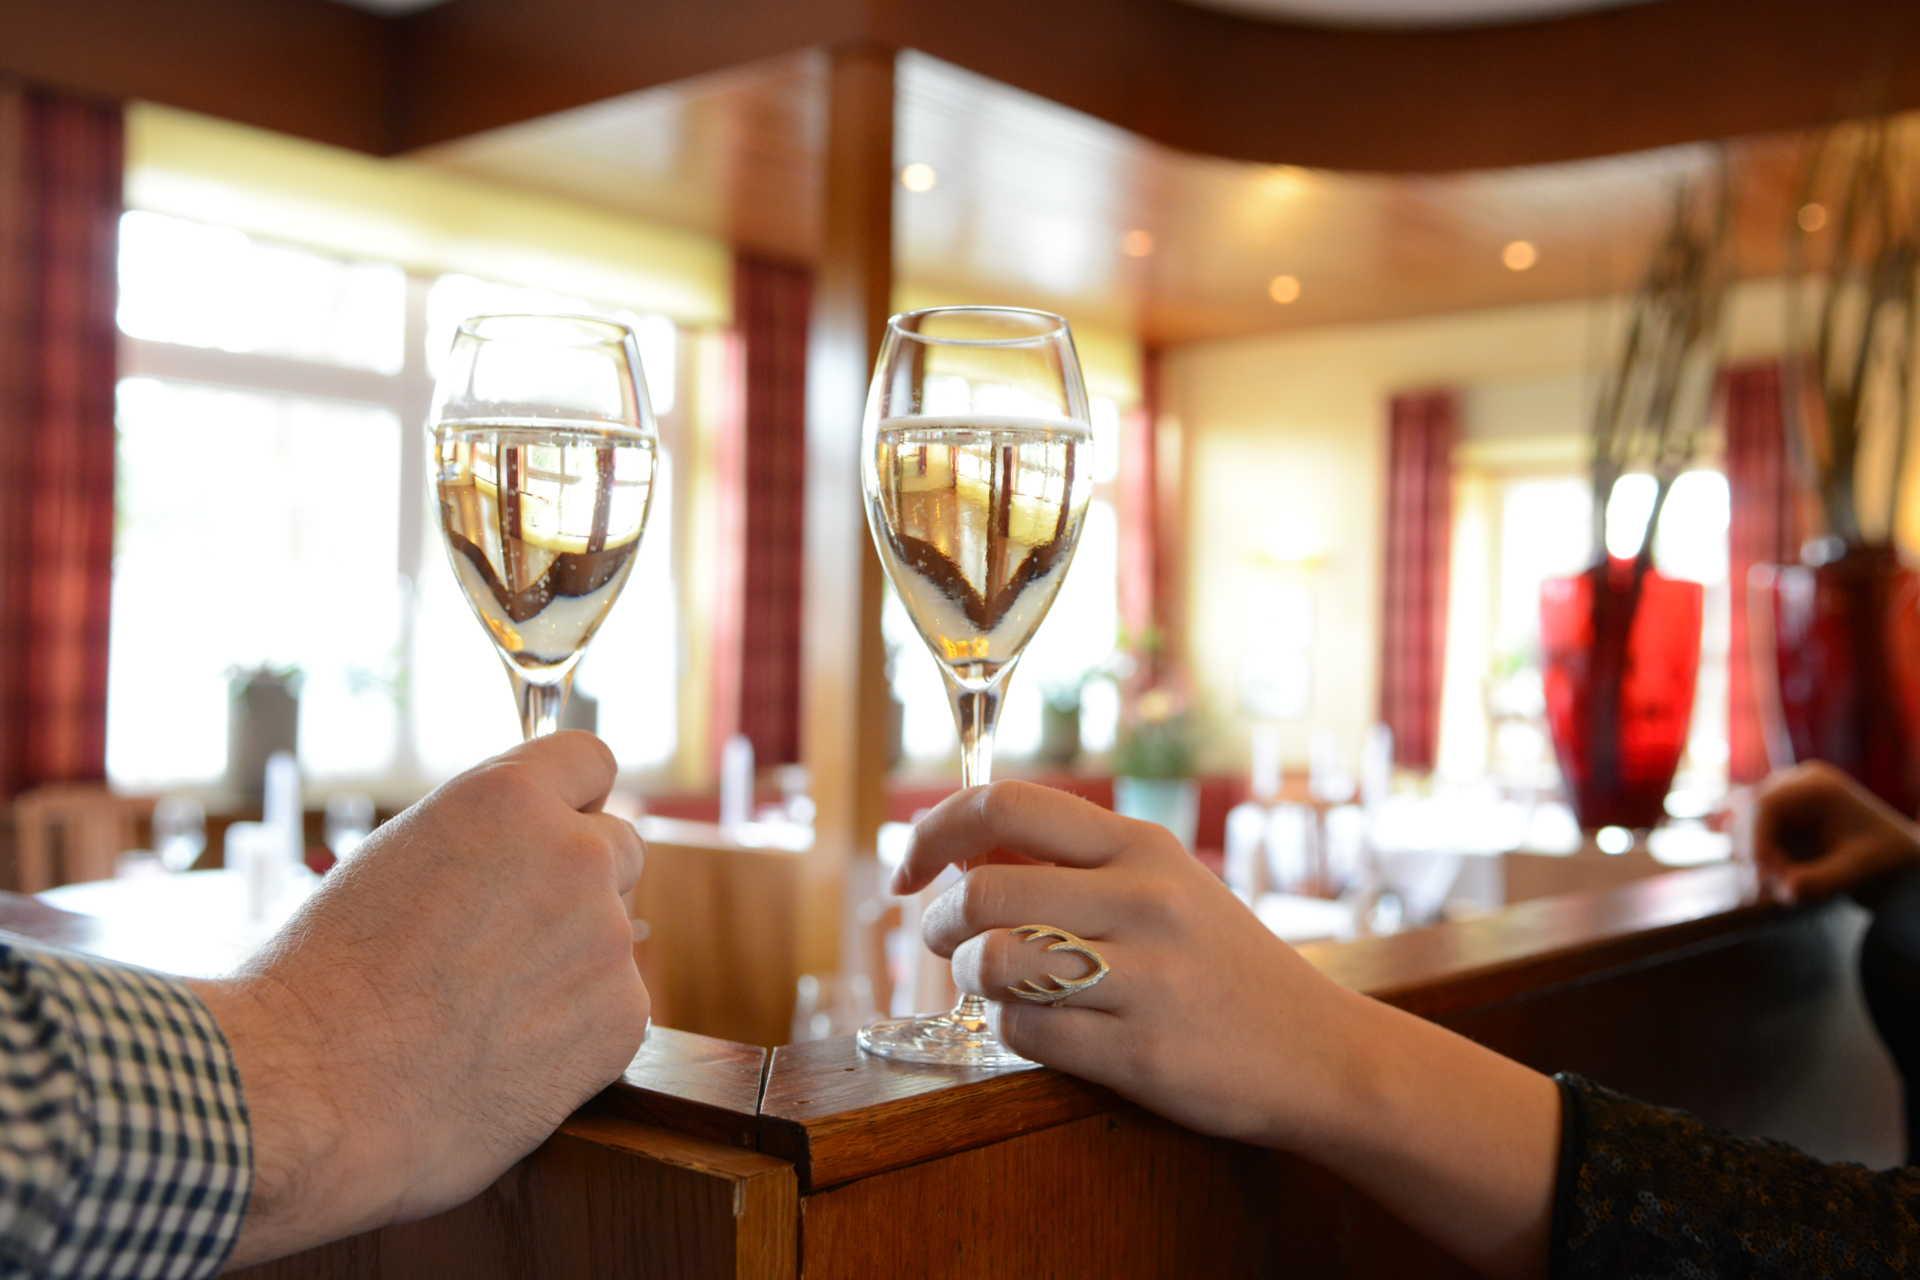 Ausgwählte Weine im Restaurant Beesten